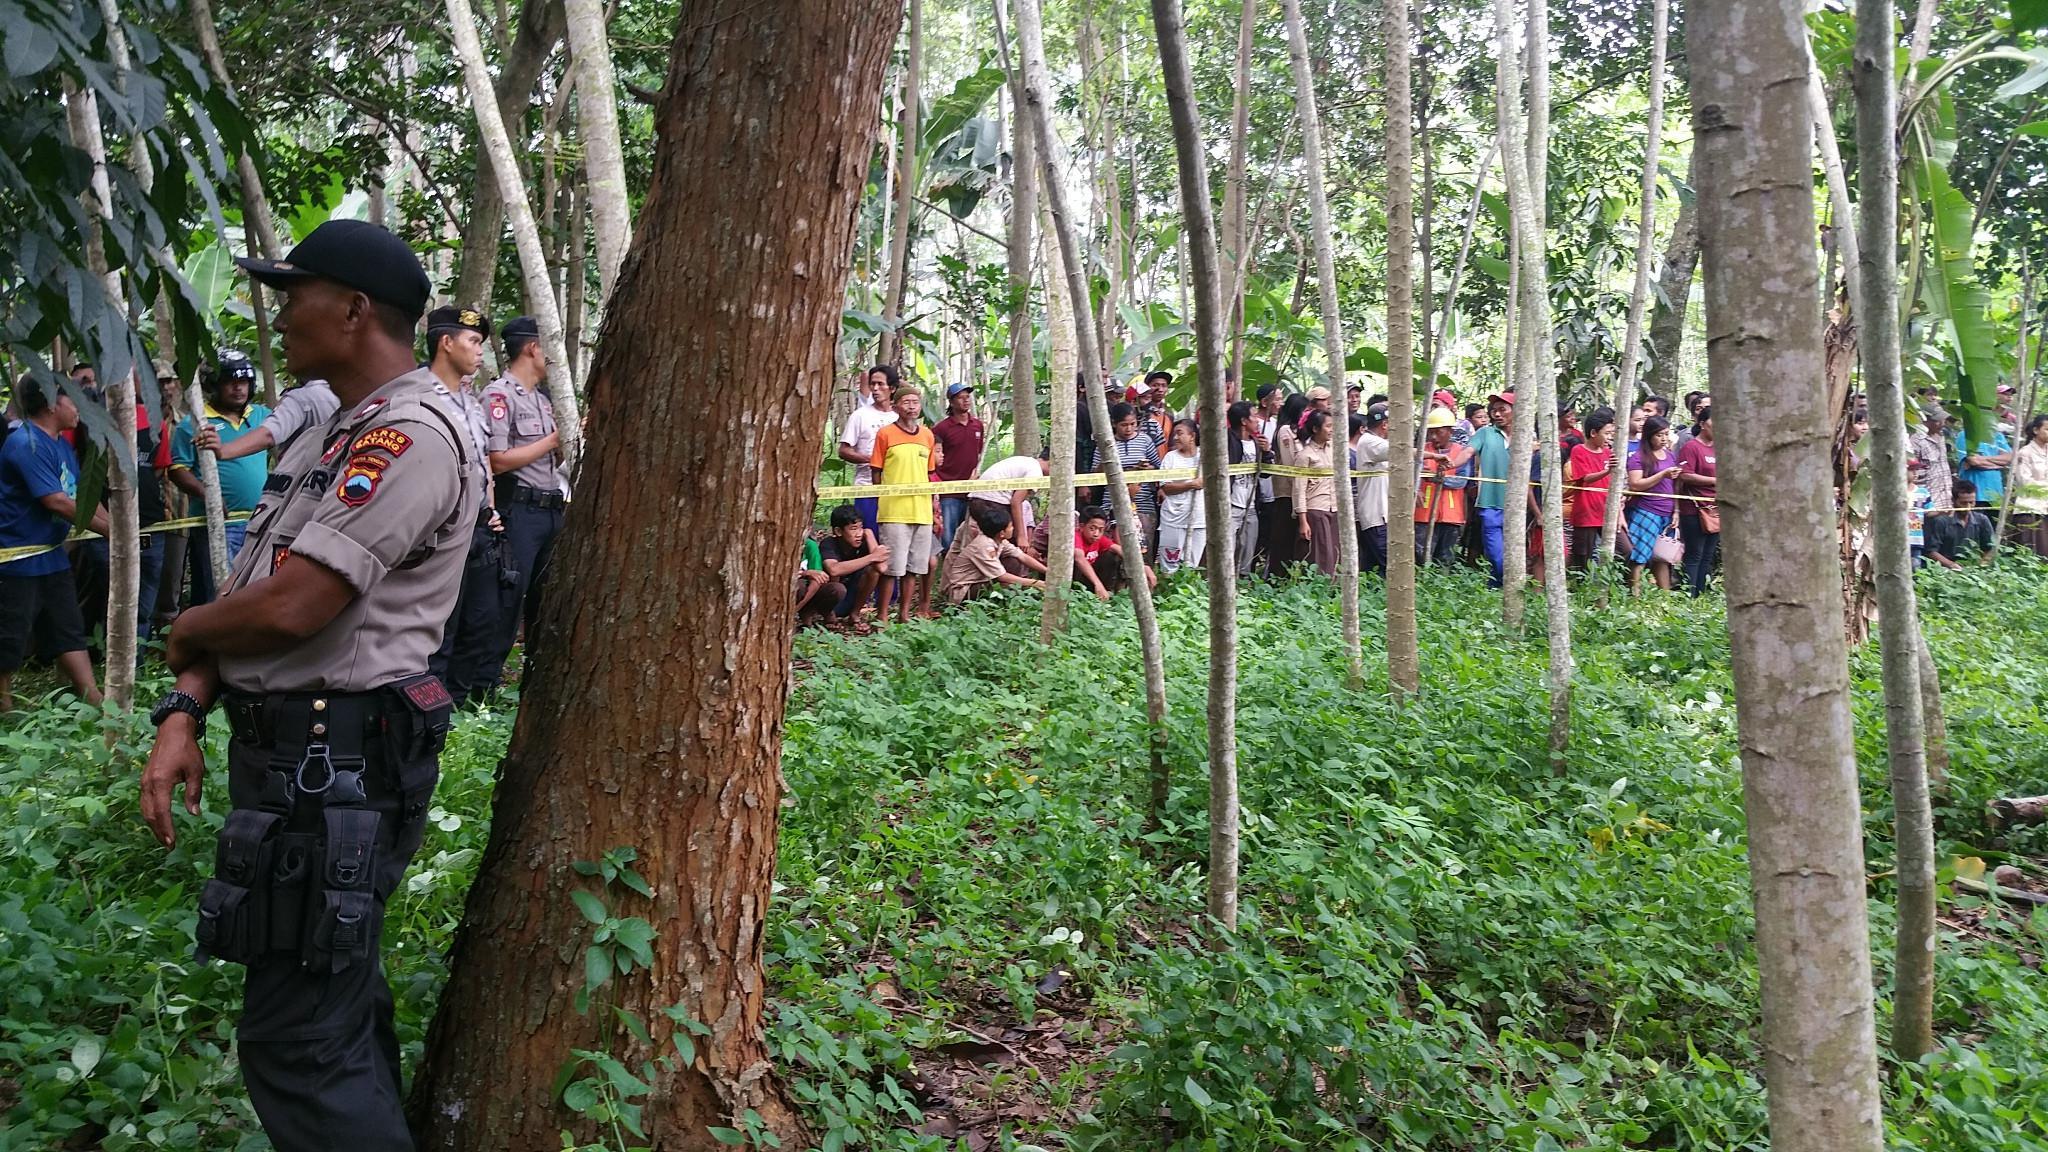 Pengungkapan aksi pembunuhan dukun palsu di Batang (Liputan6.com / Fajar Eko Nugroho)